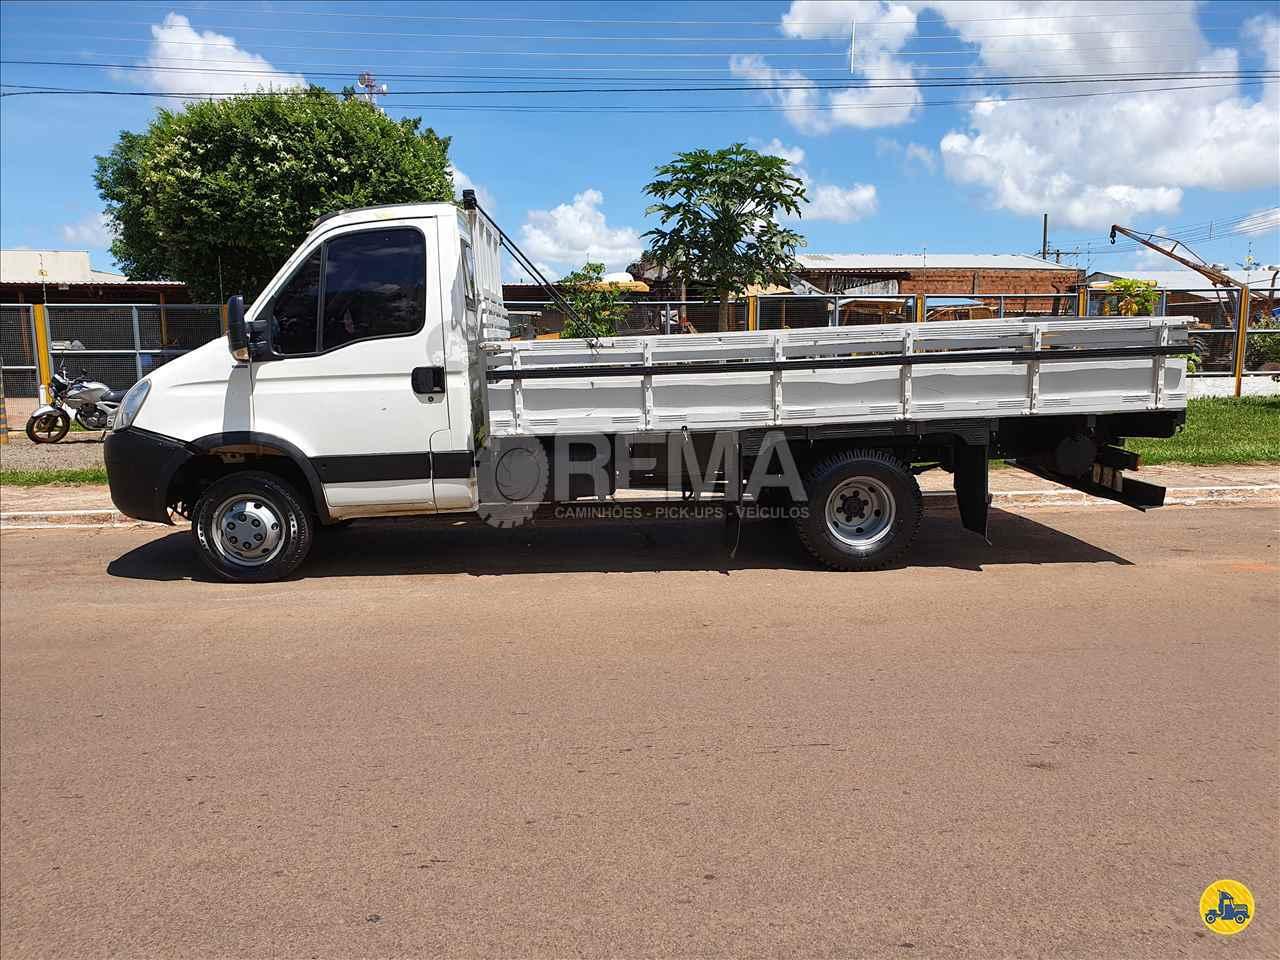 IVECO DAILY 55c16 202000km 2008/2008 Rema Caminhões - MS